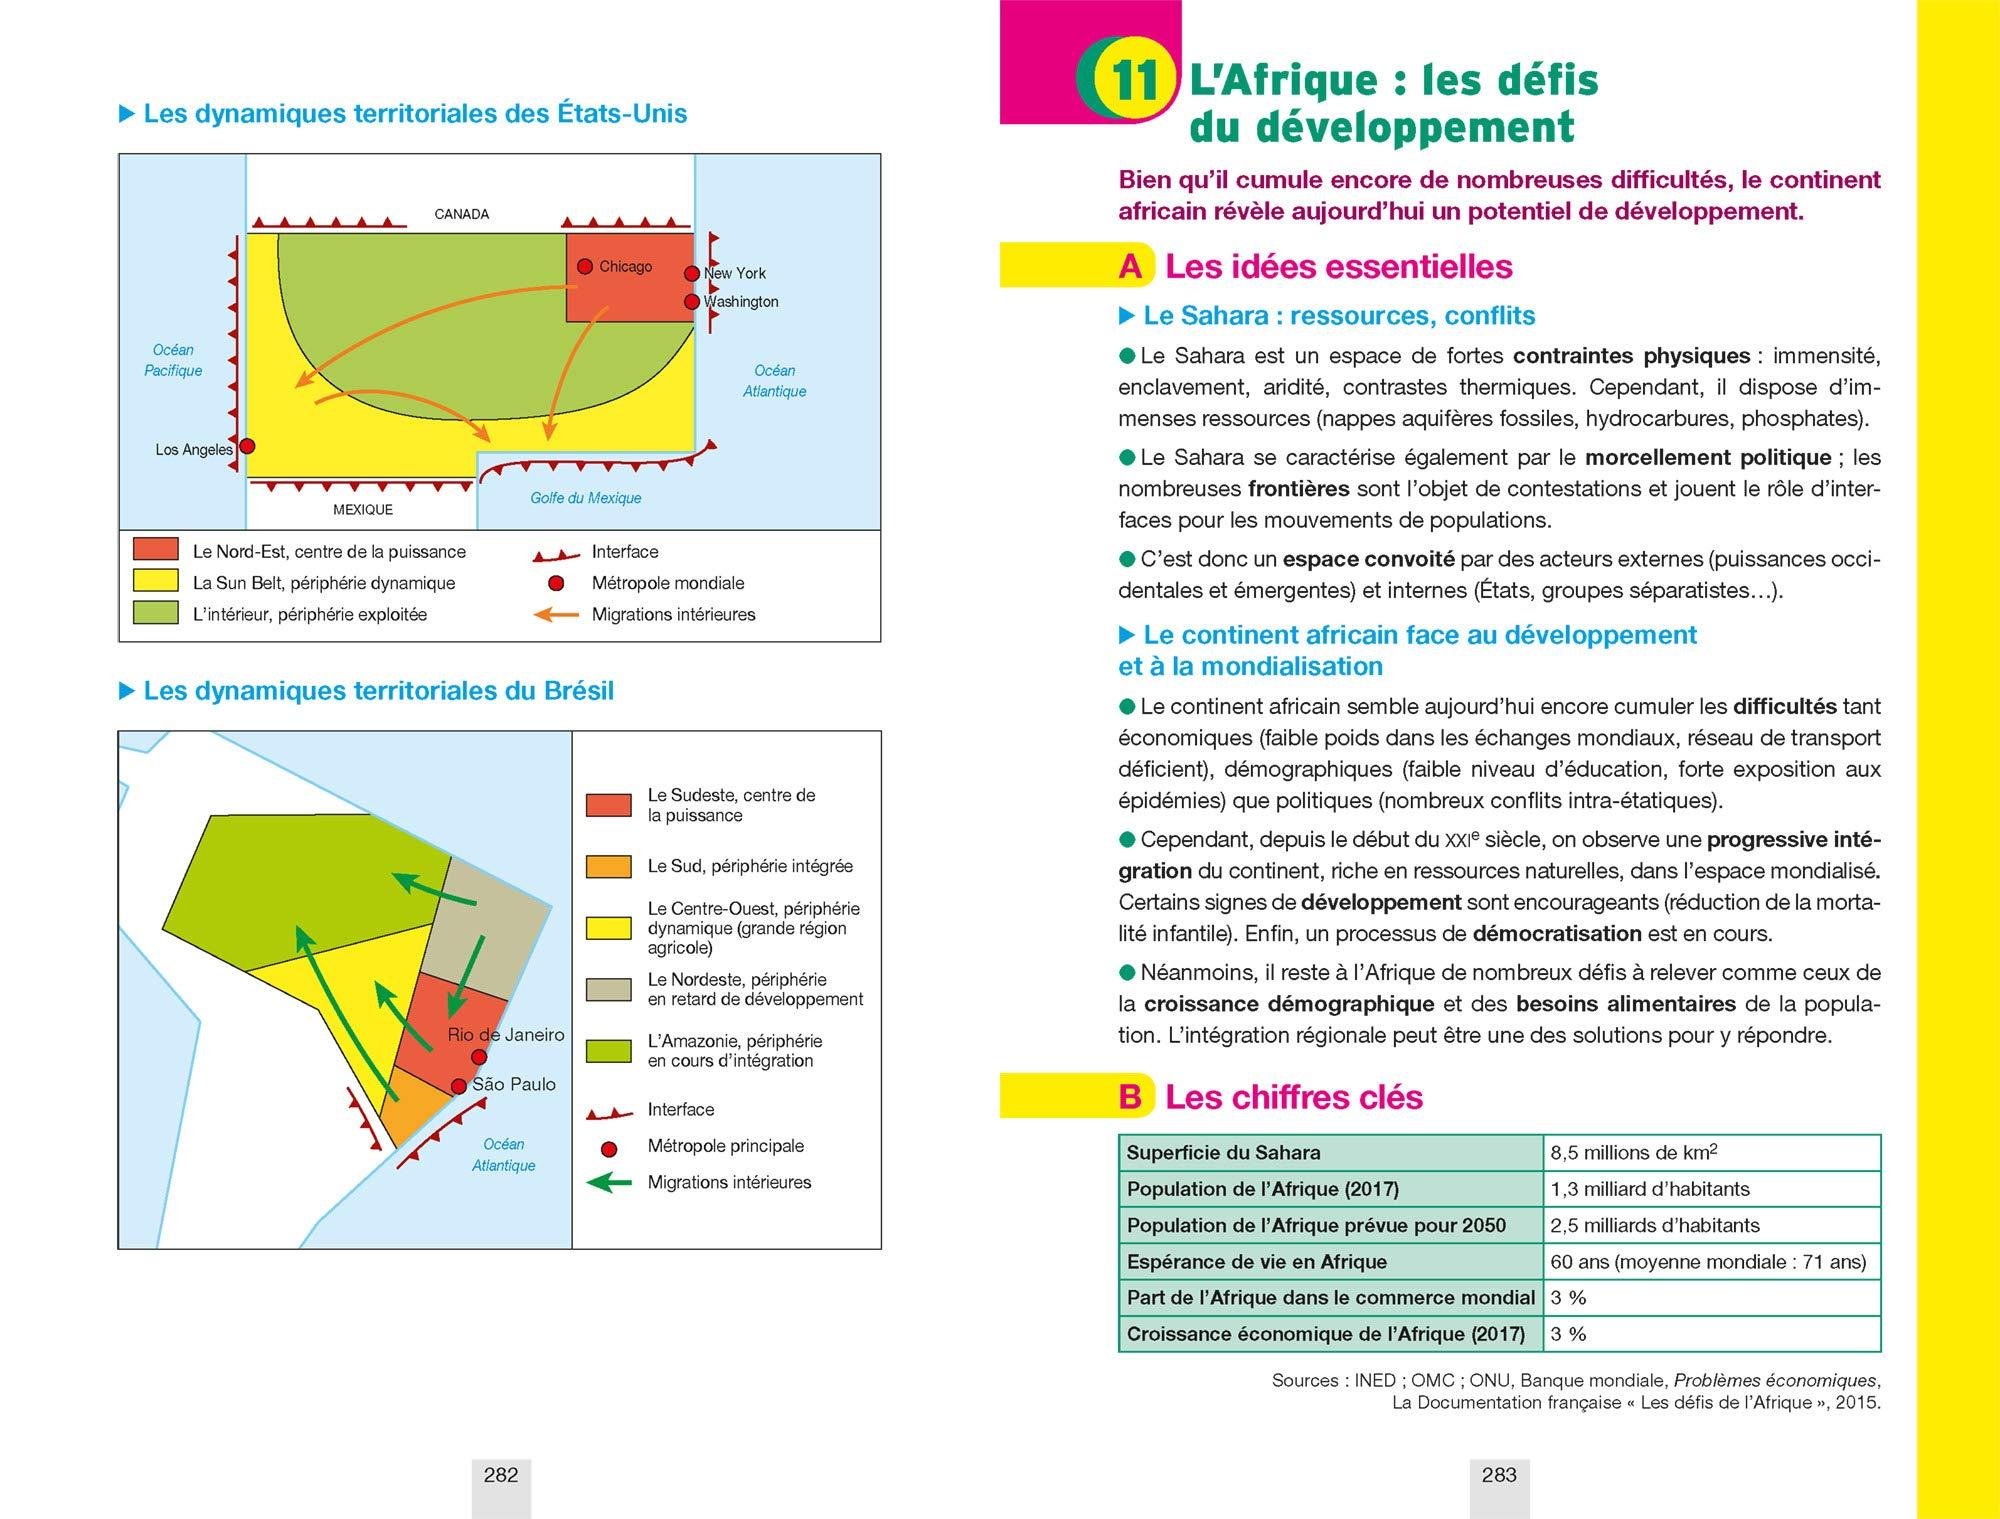 Annales Annabac 2019 Histoire-Géographie Tle S: sujets et corrigés du bac Terminale S: Amazon.es: Jean-Philippe Renaud: Libros en idiomas extranjeros